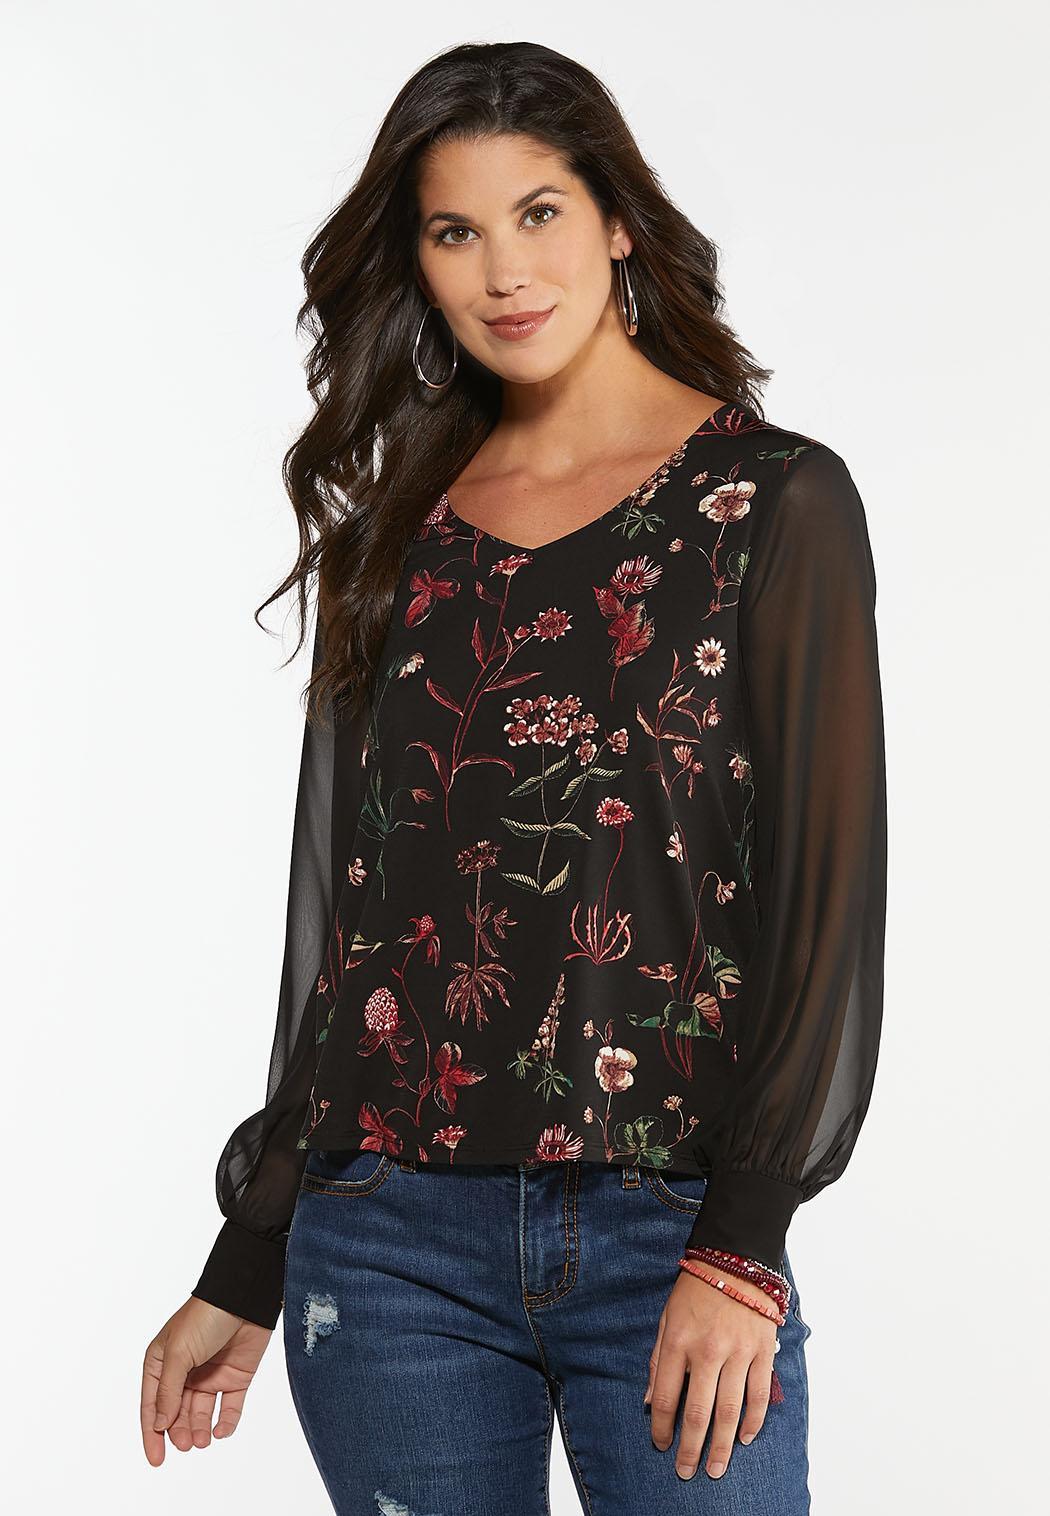 Floral Sheer Sleeve Top